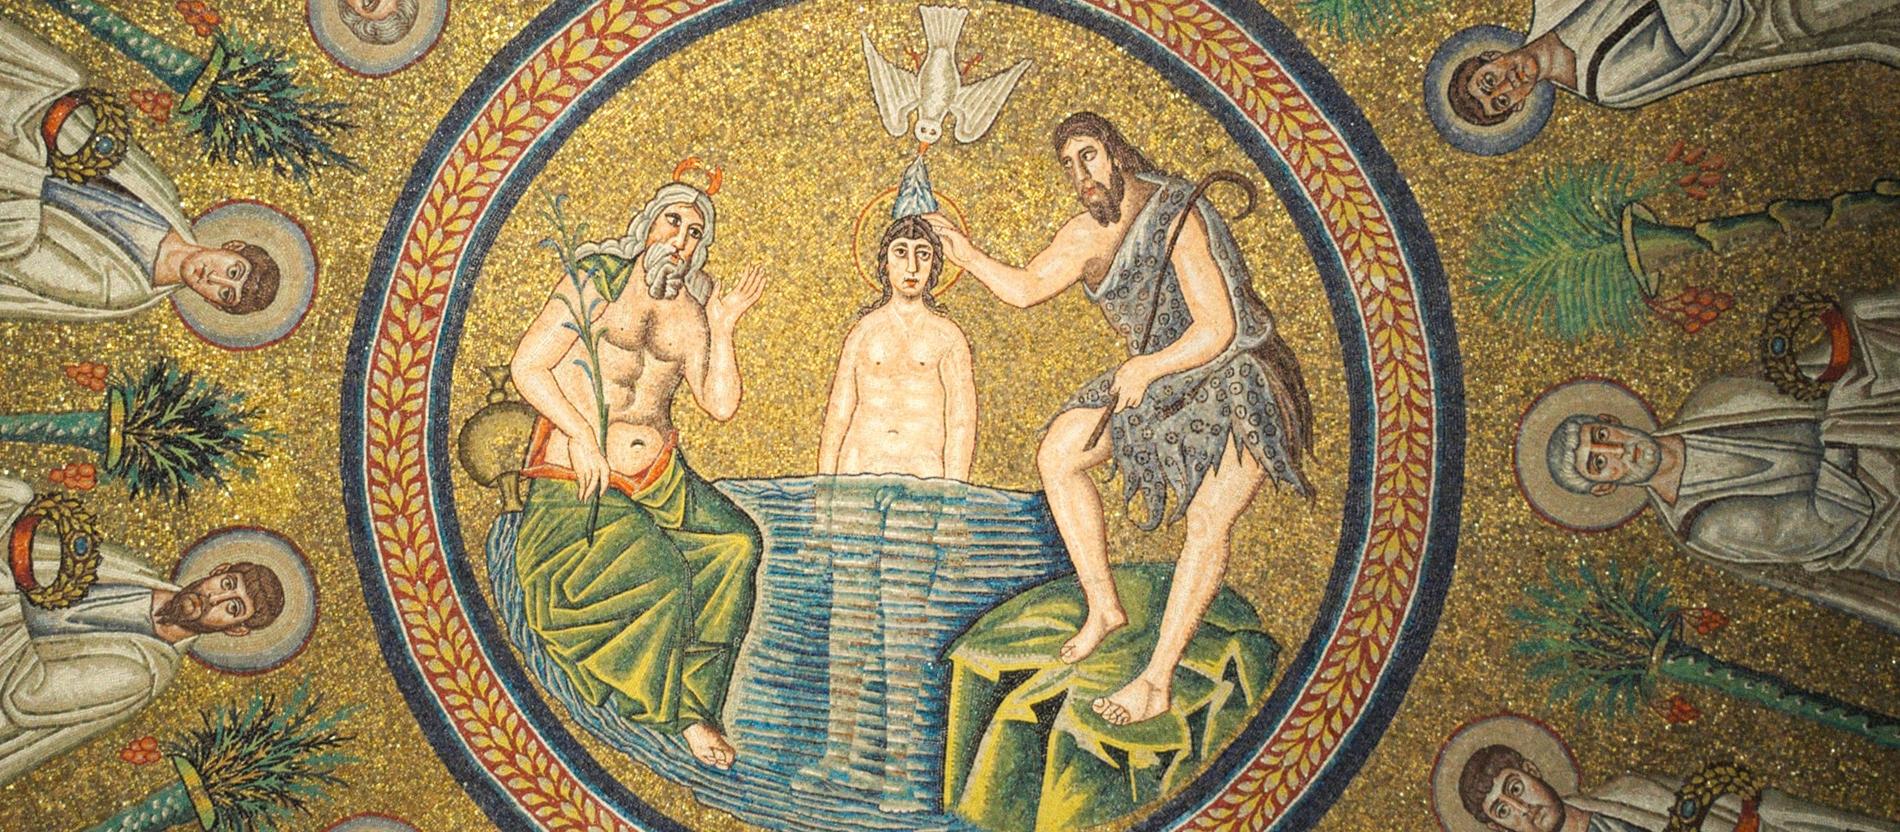 Ausgelegt Als Die Taufe Noch Nicht Langweilig War